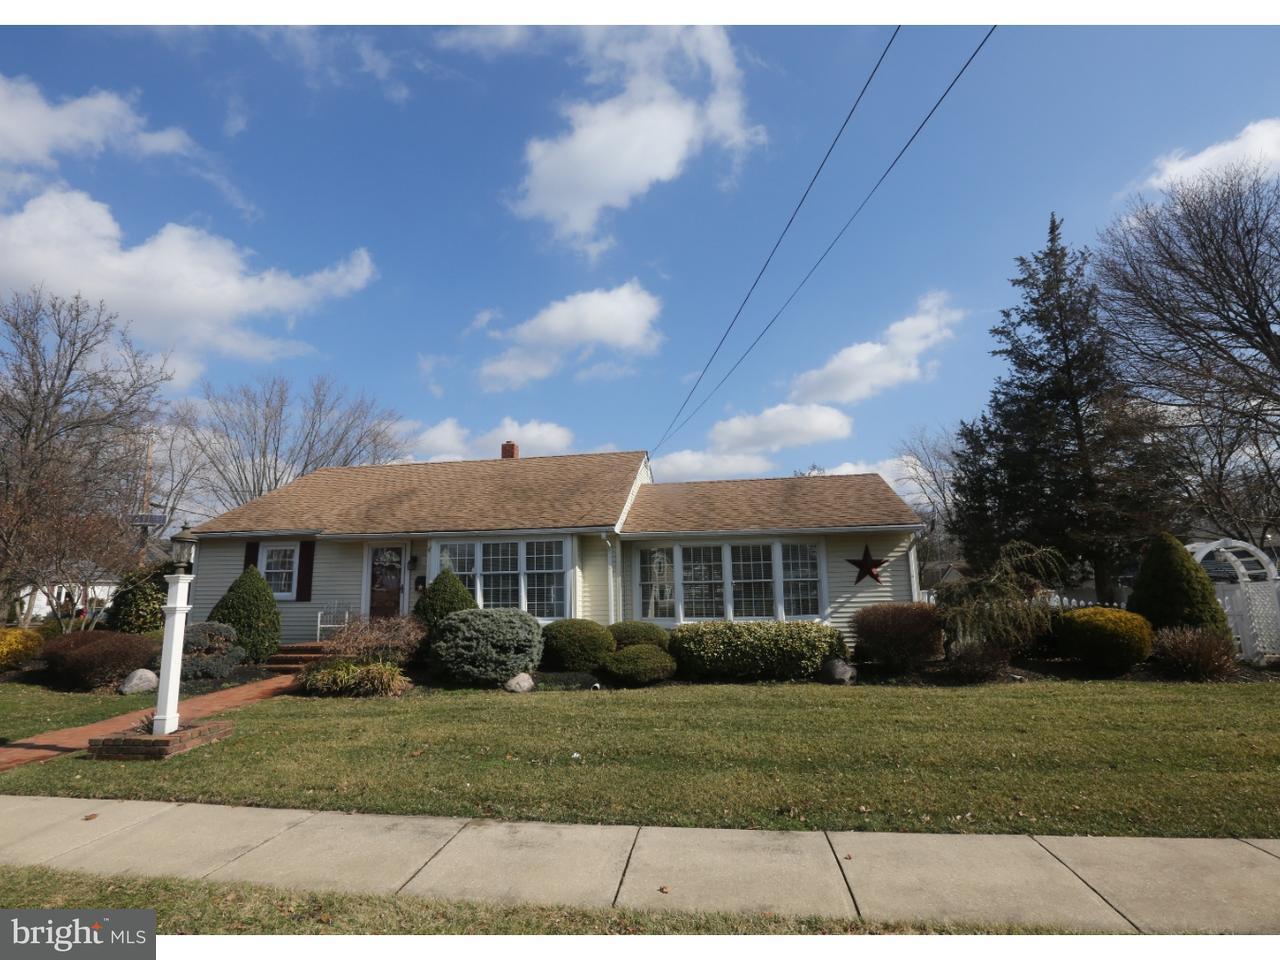 Частный односемейный дом для того Продажа на 15 N BELLMAWR Avenue Bellmawr, Нью-Джерси 08031 Соединенные Штаты